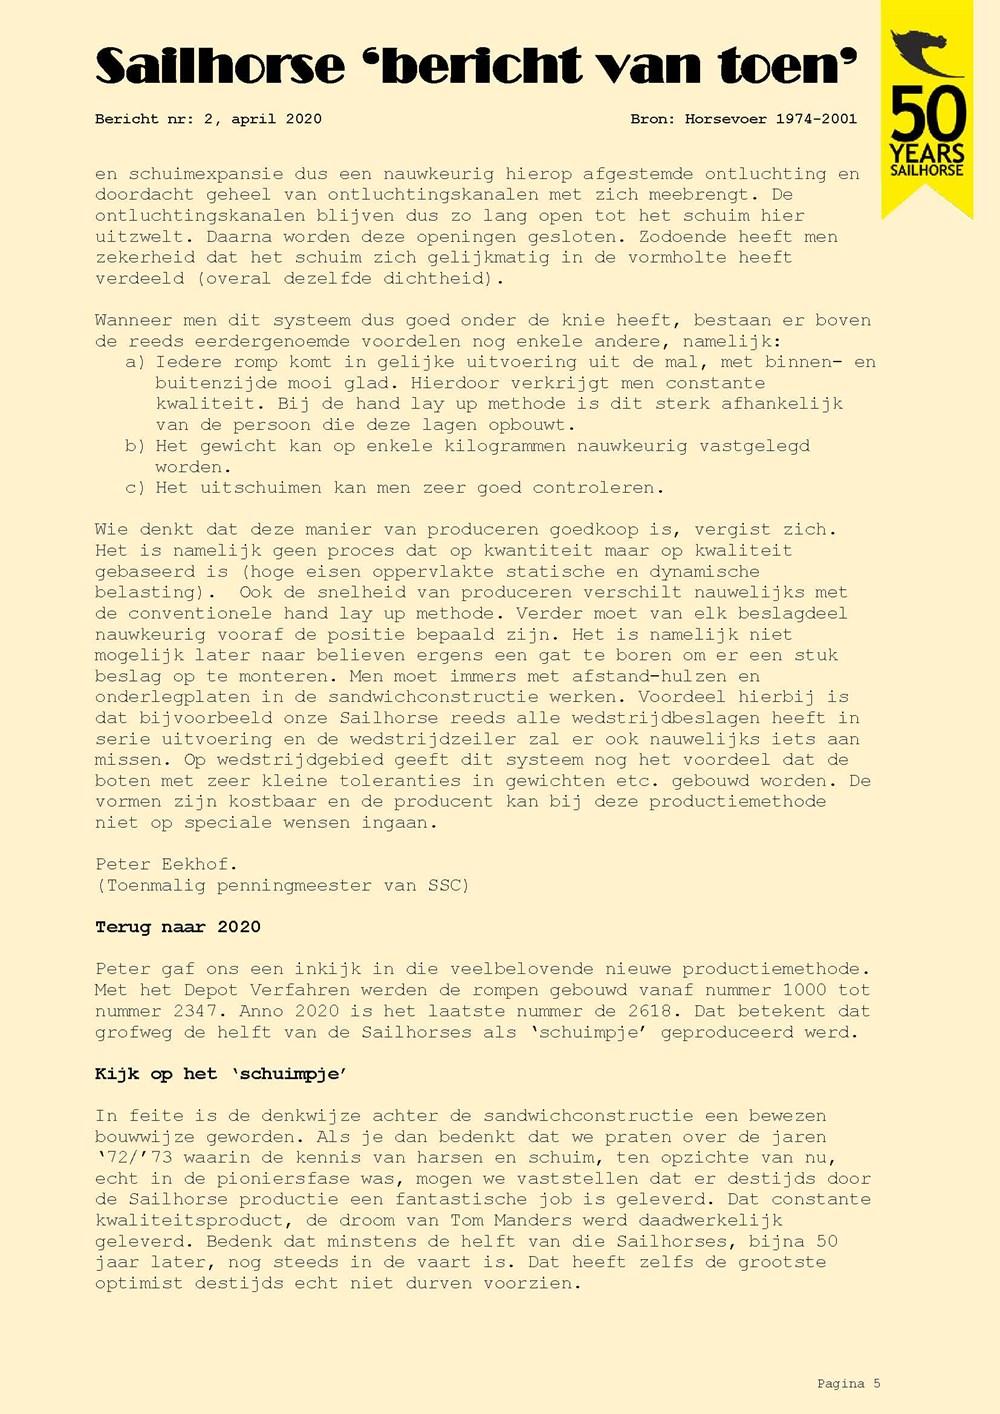 Bericht_van_toen_April_Page_5.jpg